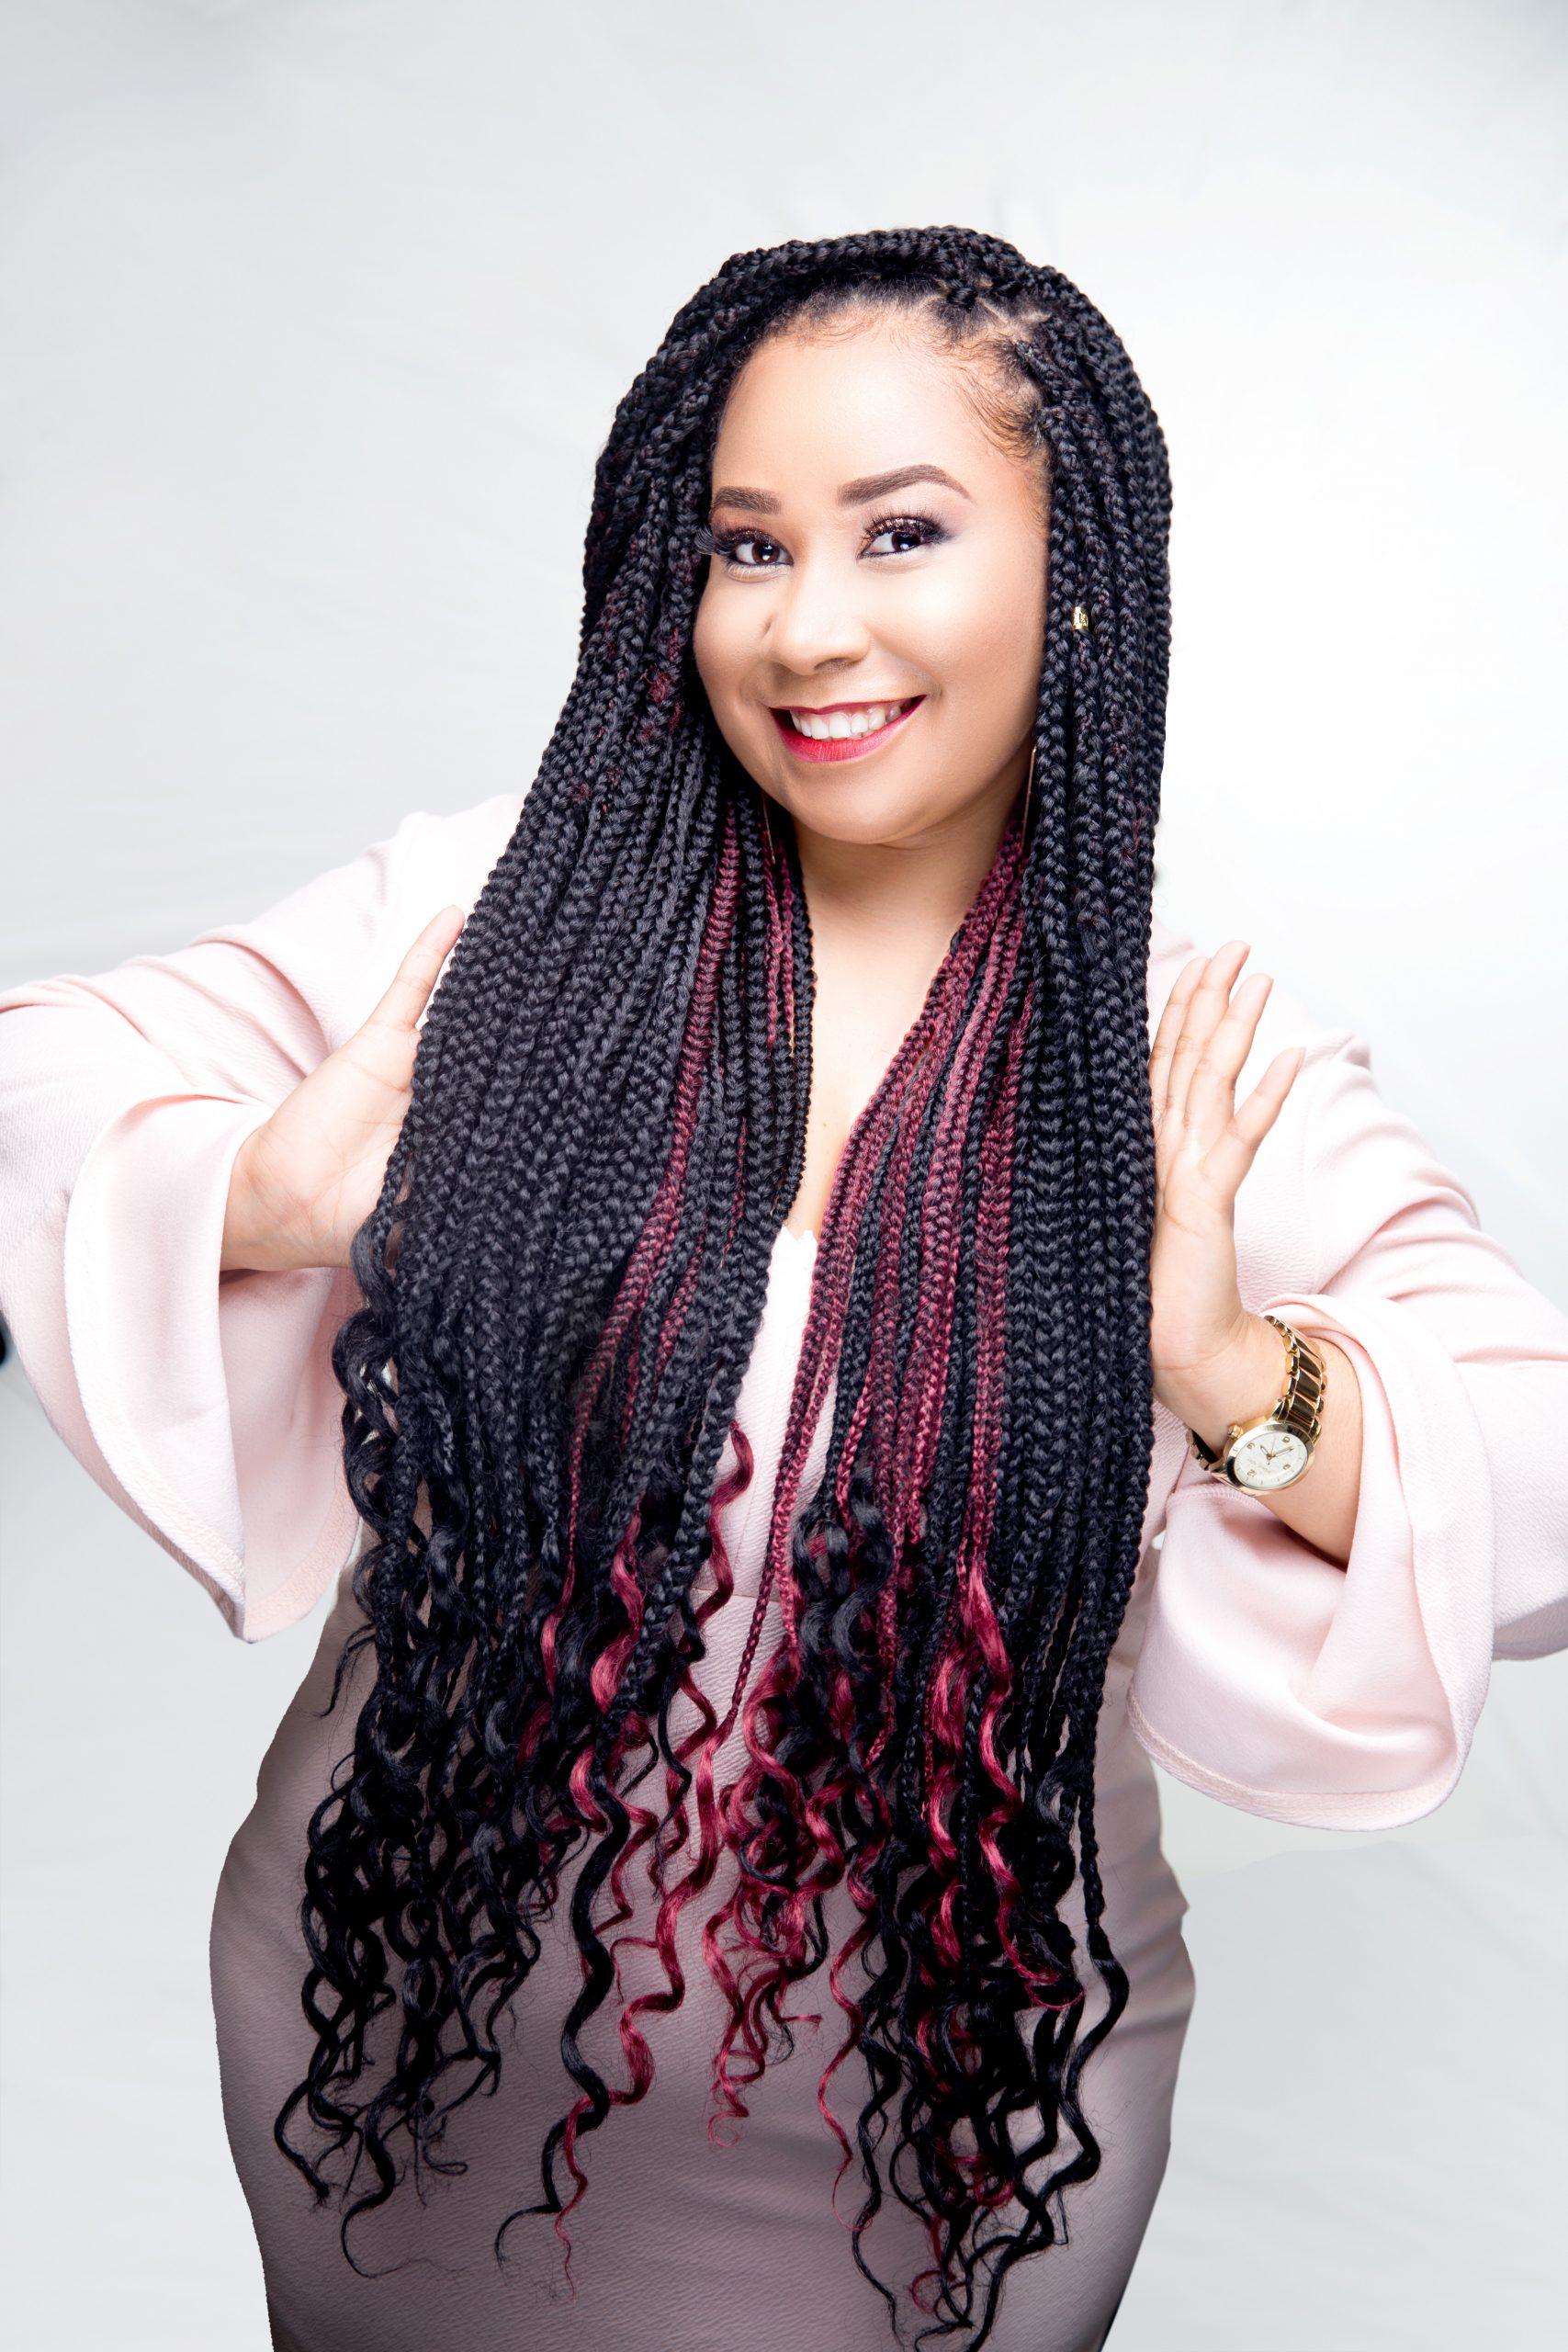 Hair Extensions Hair Extensions Africa Hair Extensions in Africa Hair Extensions Near me Hair Extensions Nearby Hair Extensions best Hair Extensions cheap Hair Extensions nigeria Hair Extensions in nigeria